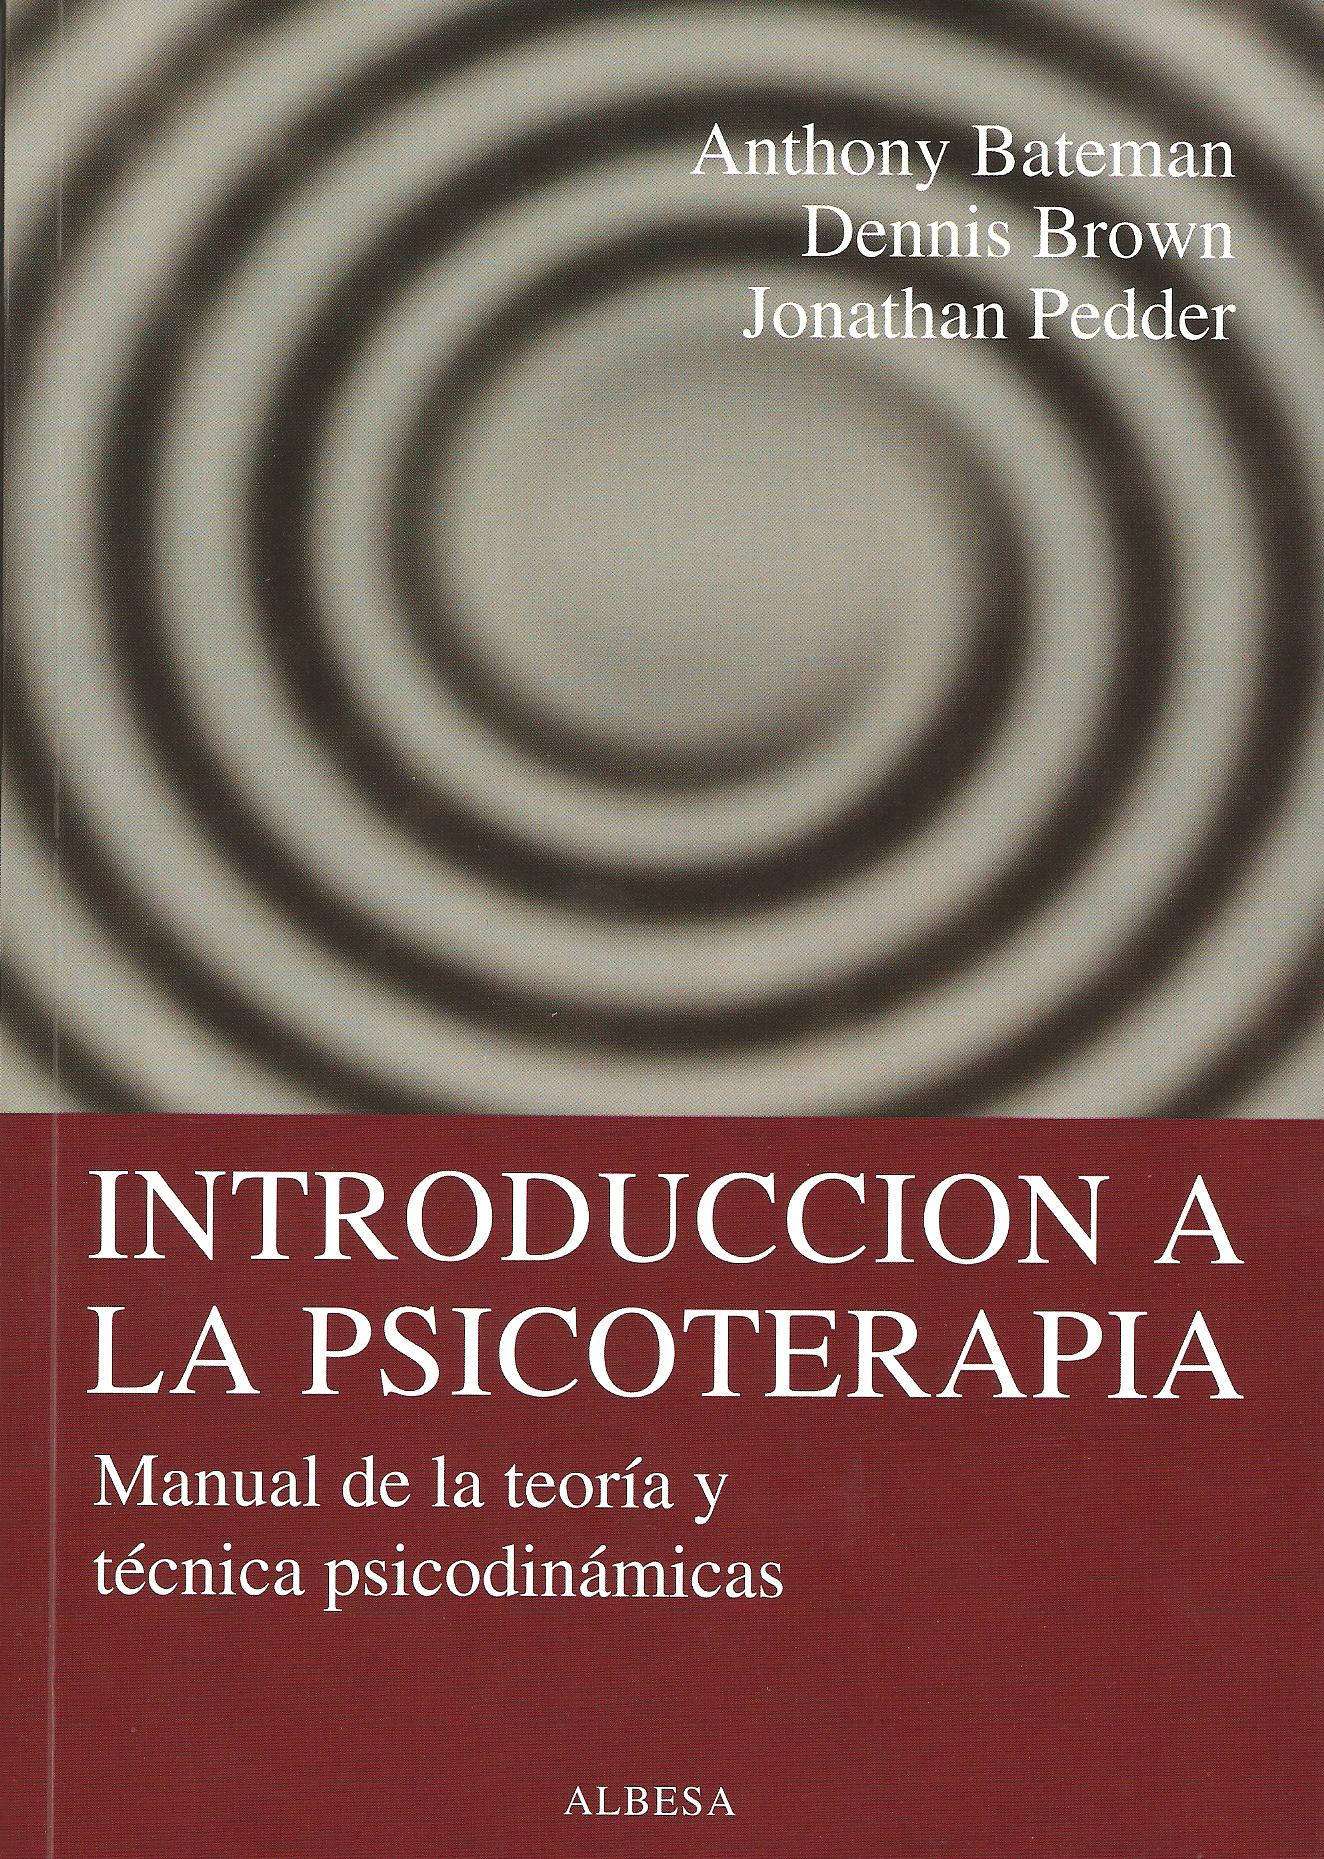 INTRODUCCIÓN A LA PSICOTERAPIA : MANUAL DE TEORÍA Y TÉCNICA PSICODINÁMICAS